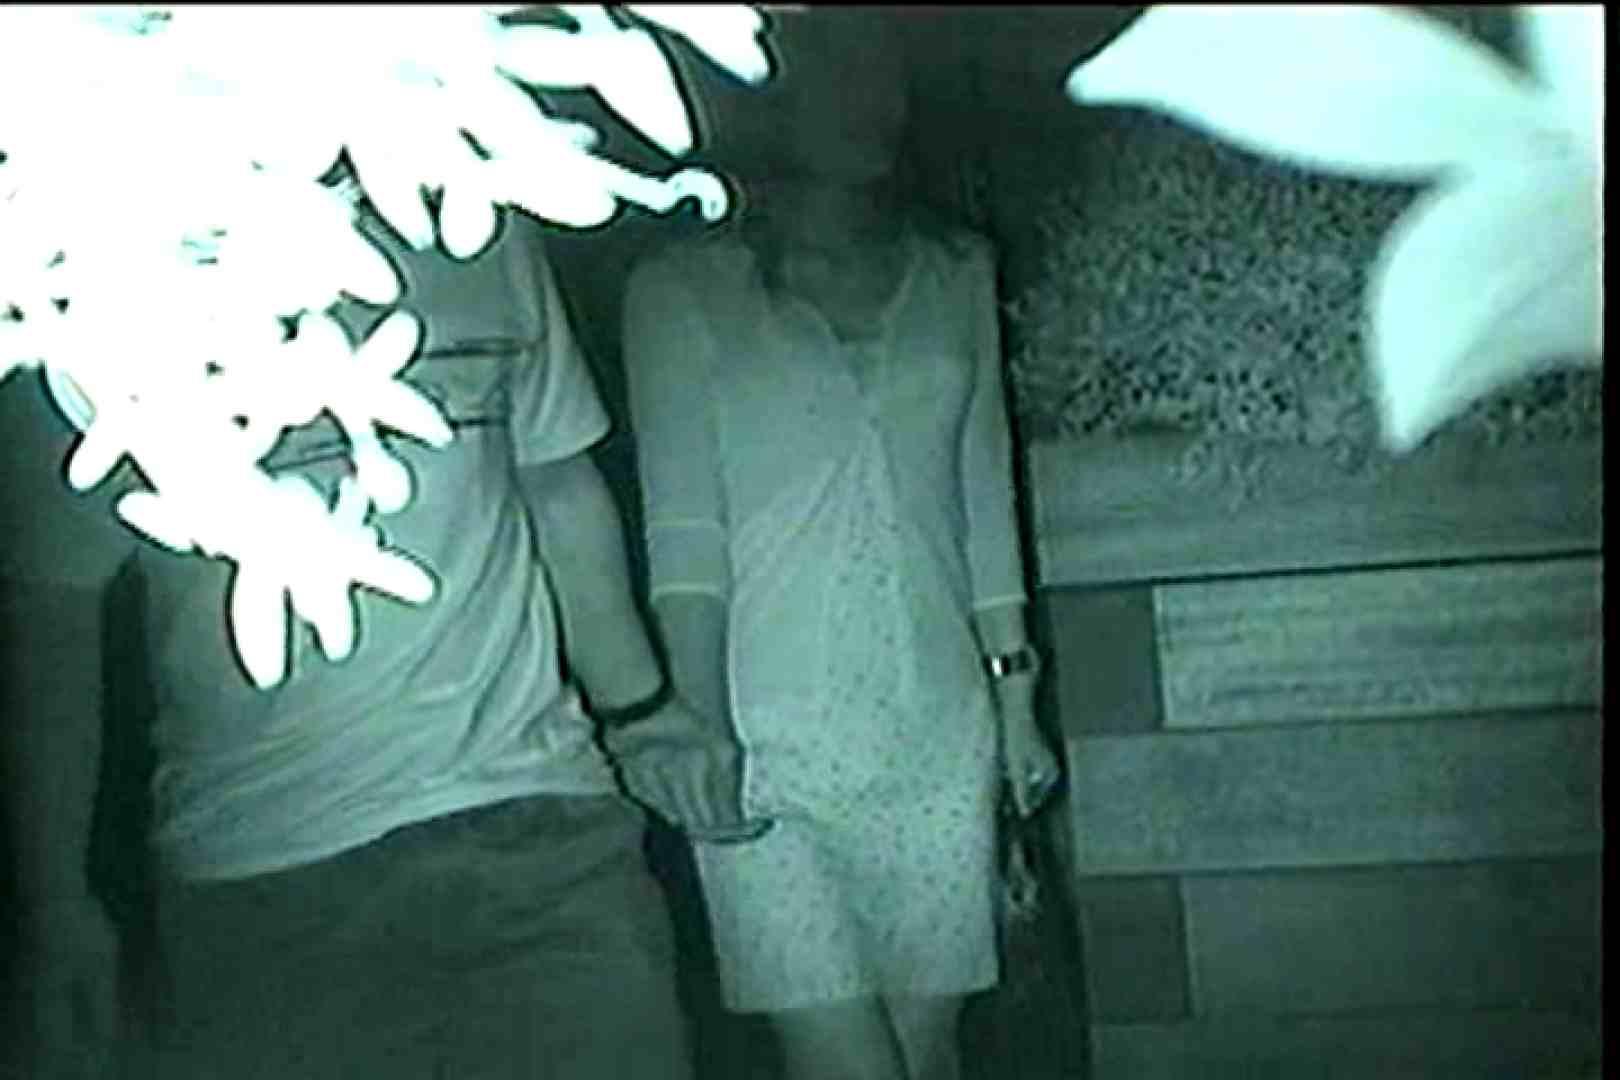 闇の仕掛け人 無修正版 Vol.18 盗撮特集 のぞき動画キャプチャ 60画像 45